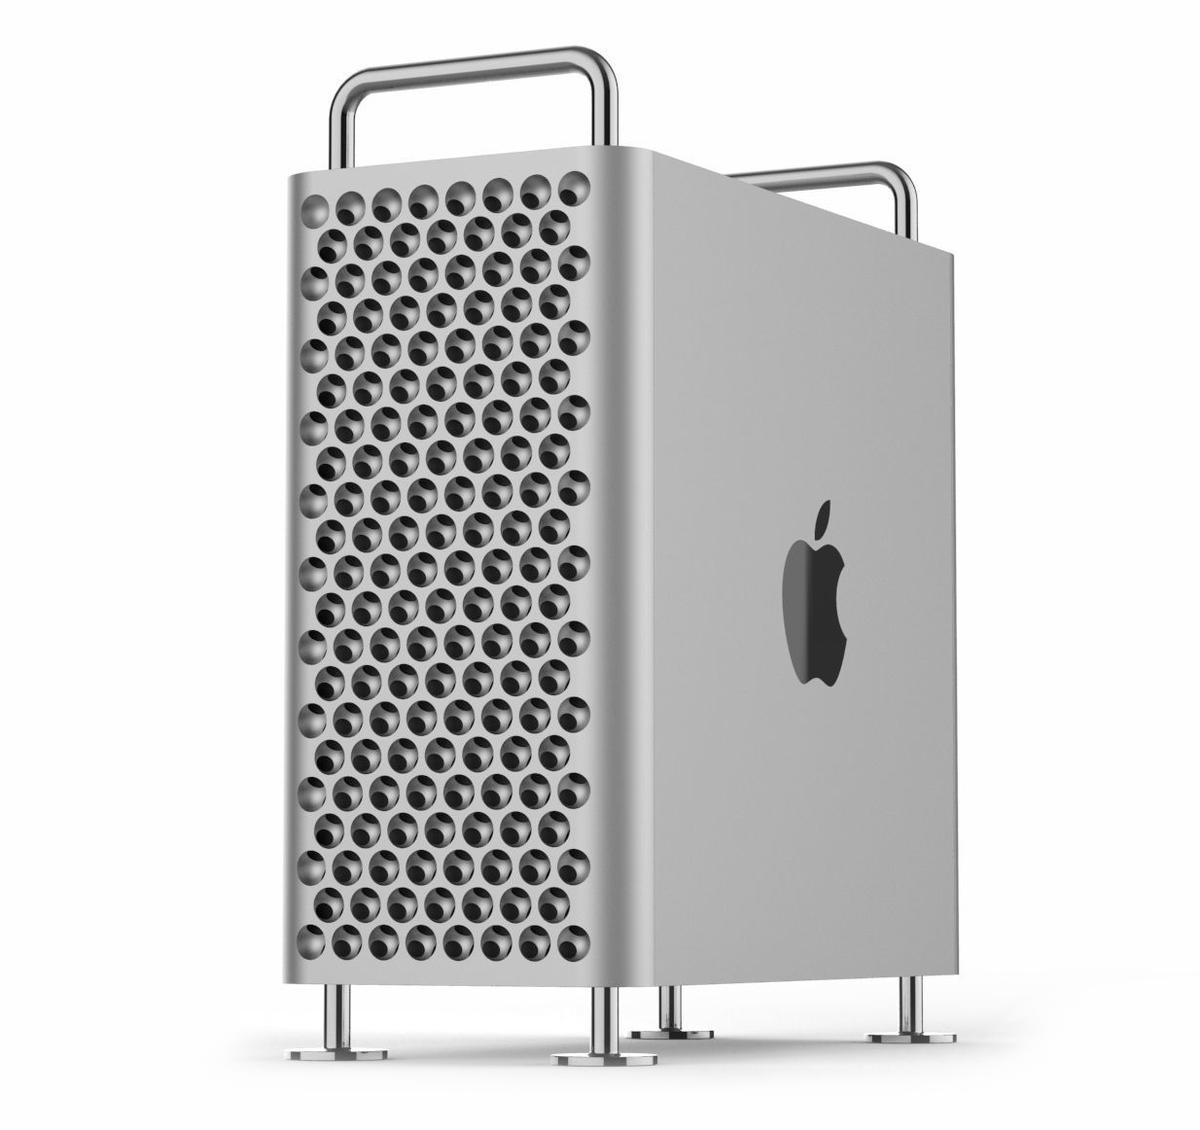 Apple Mac Pro | Xeon W 8 núcleos | 32GB RAM DDR4 | 256GB SSD | Radeon Pro 580X 8GB